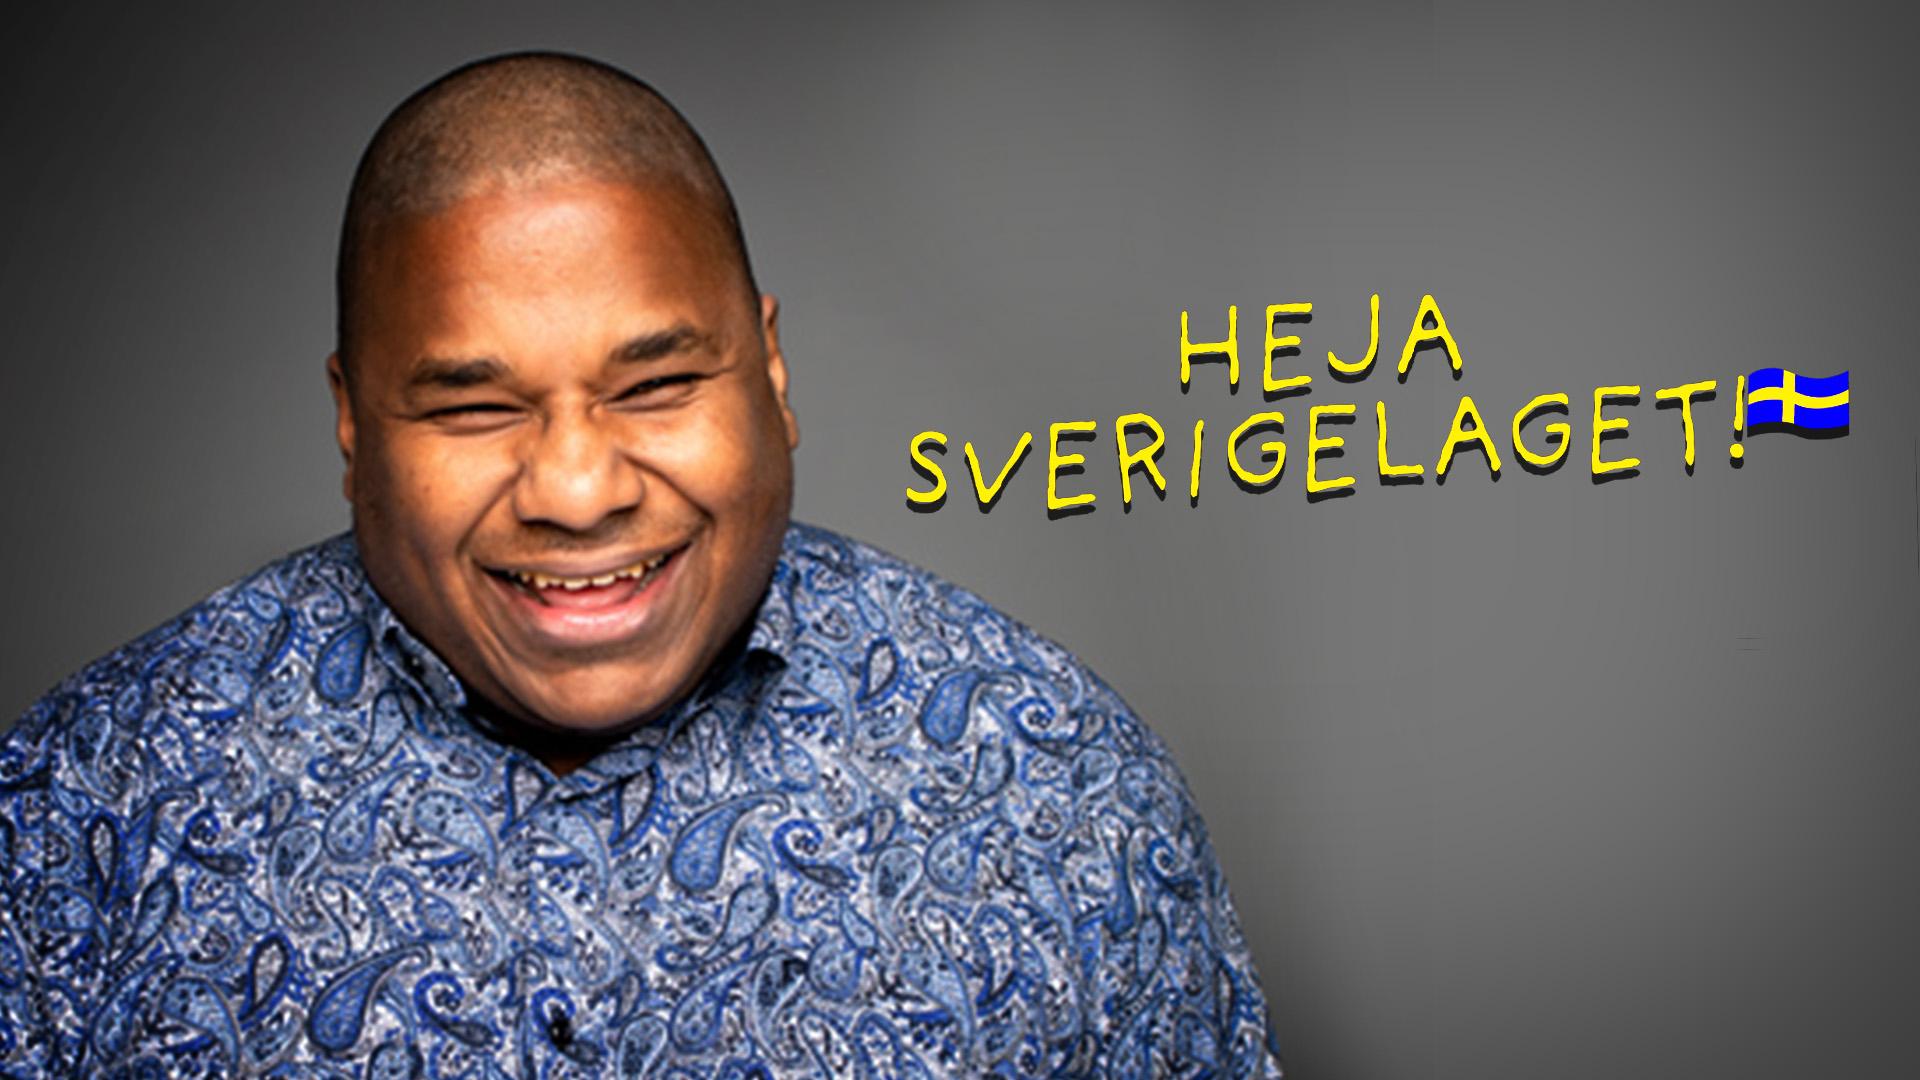 Mike Malmer är en av idrottarna som tittarna får följa i tv-serien Heja Sverigelaget!.